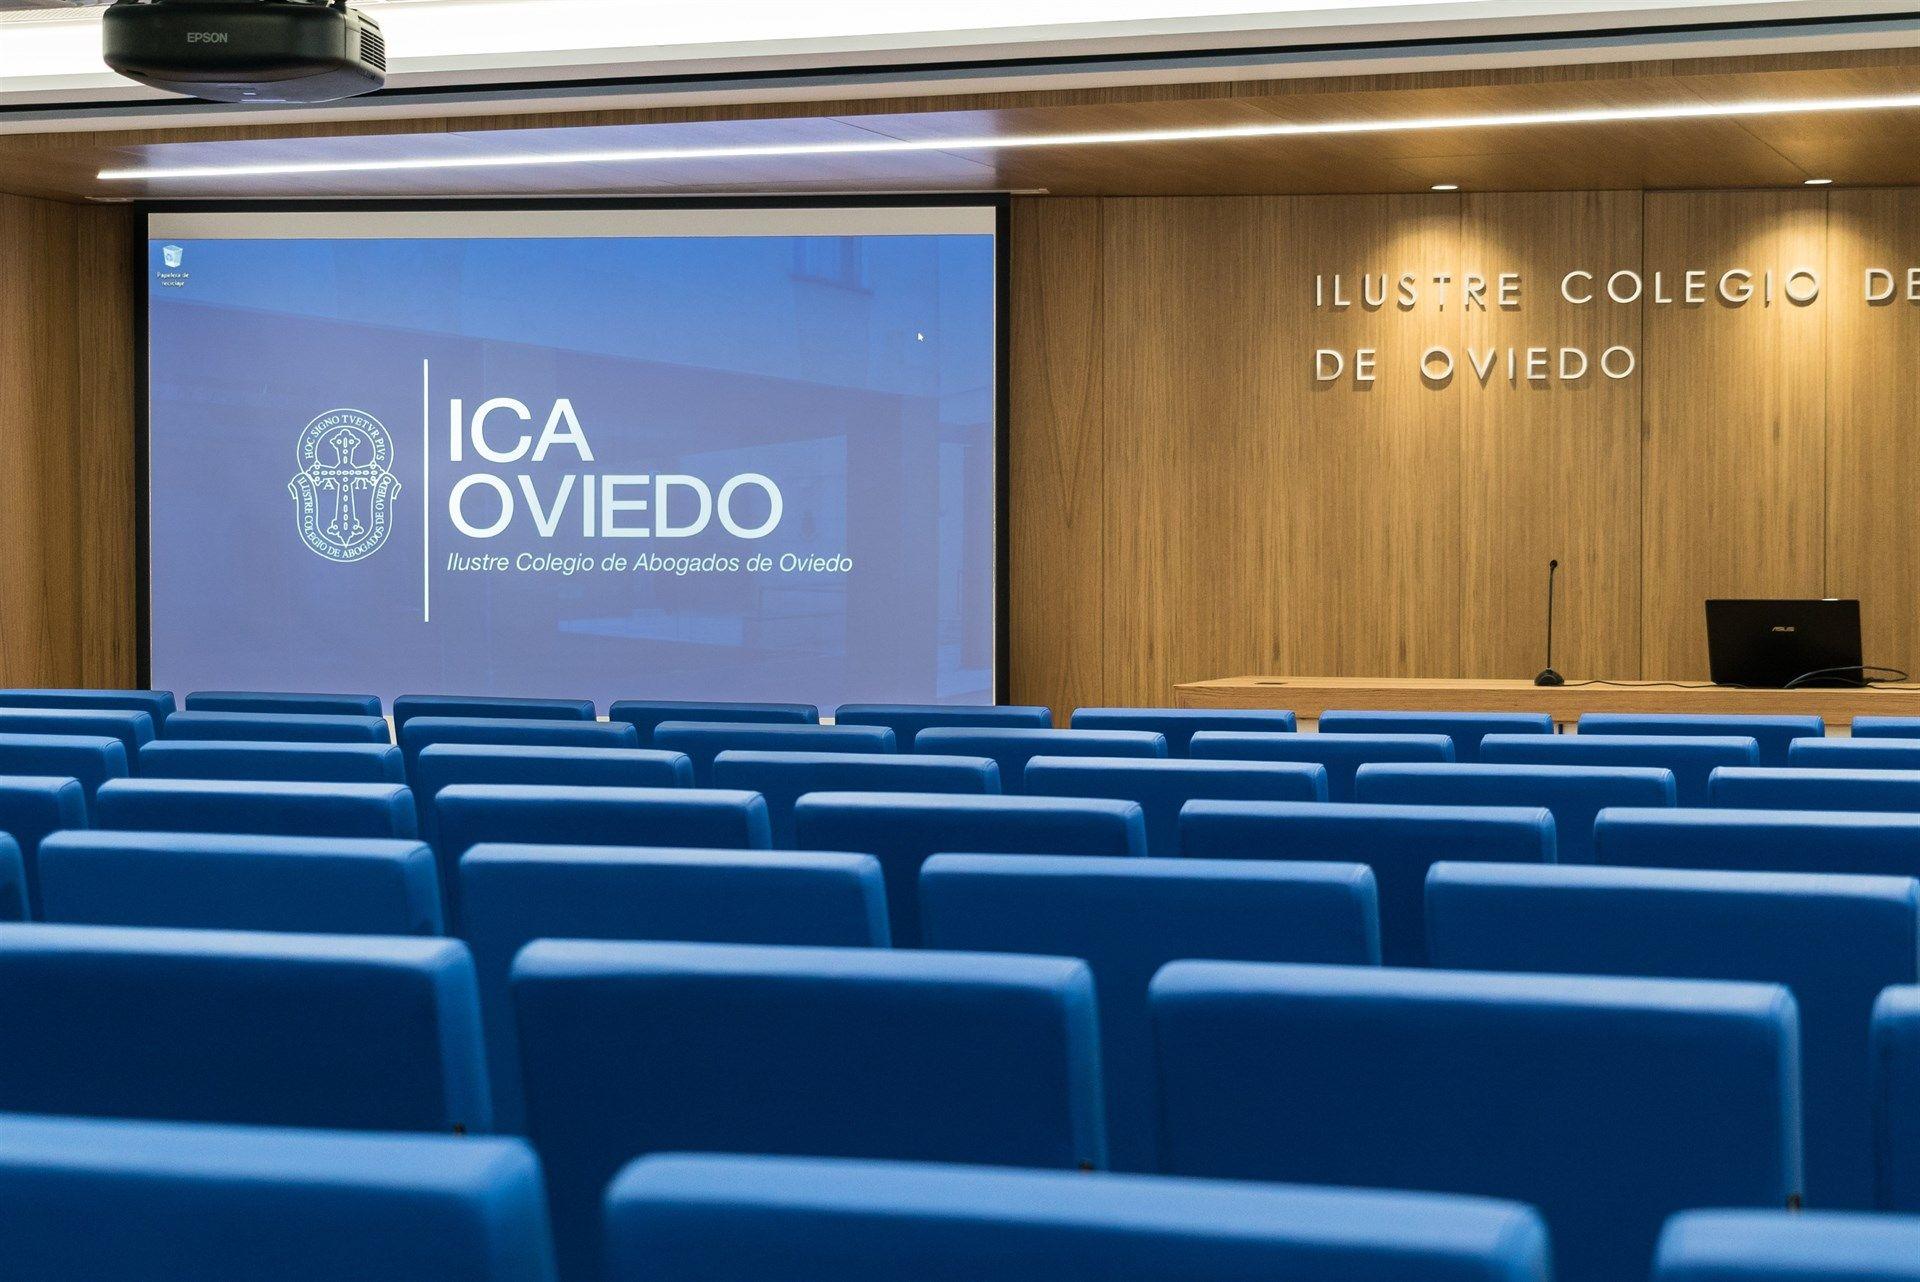 Fábrica de Armas Fábrica de La Vega.Sala del Ilustre Colegio de Abogados de Oviedo